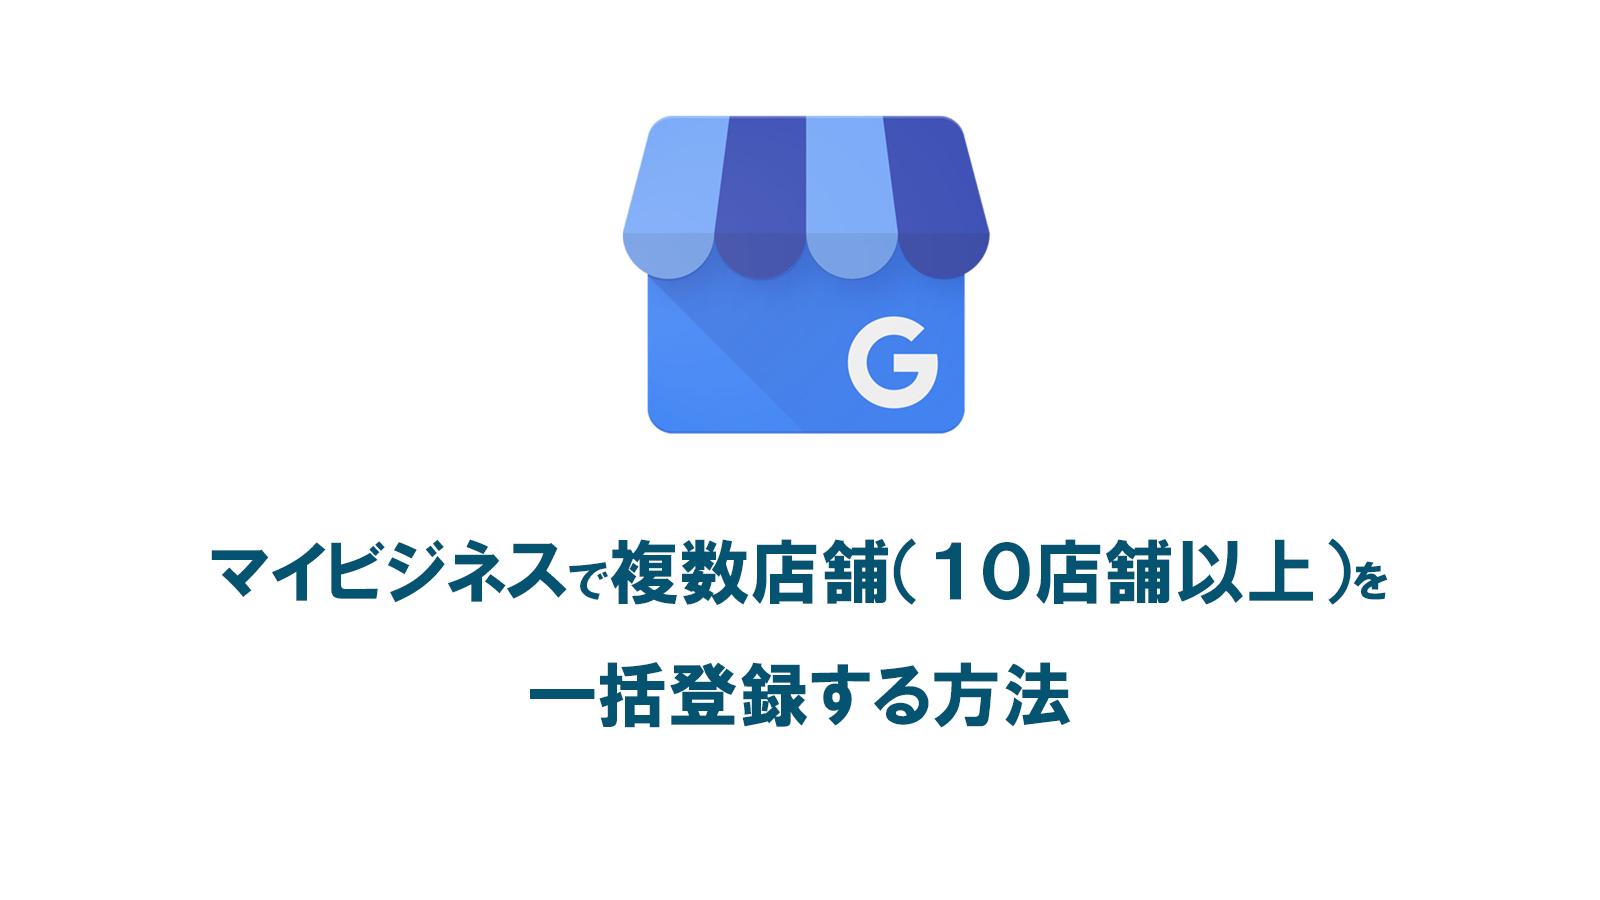 Googleマイビジネスで複数店舗(10店舗以上)を一括登録する方法と手順